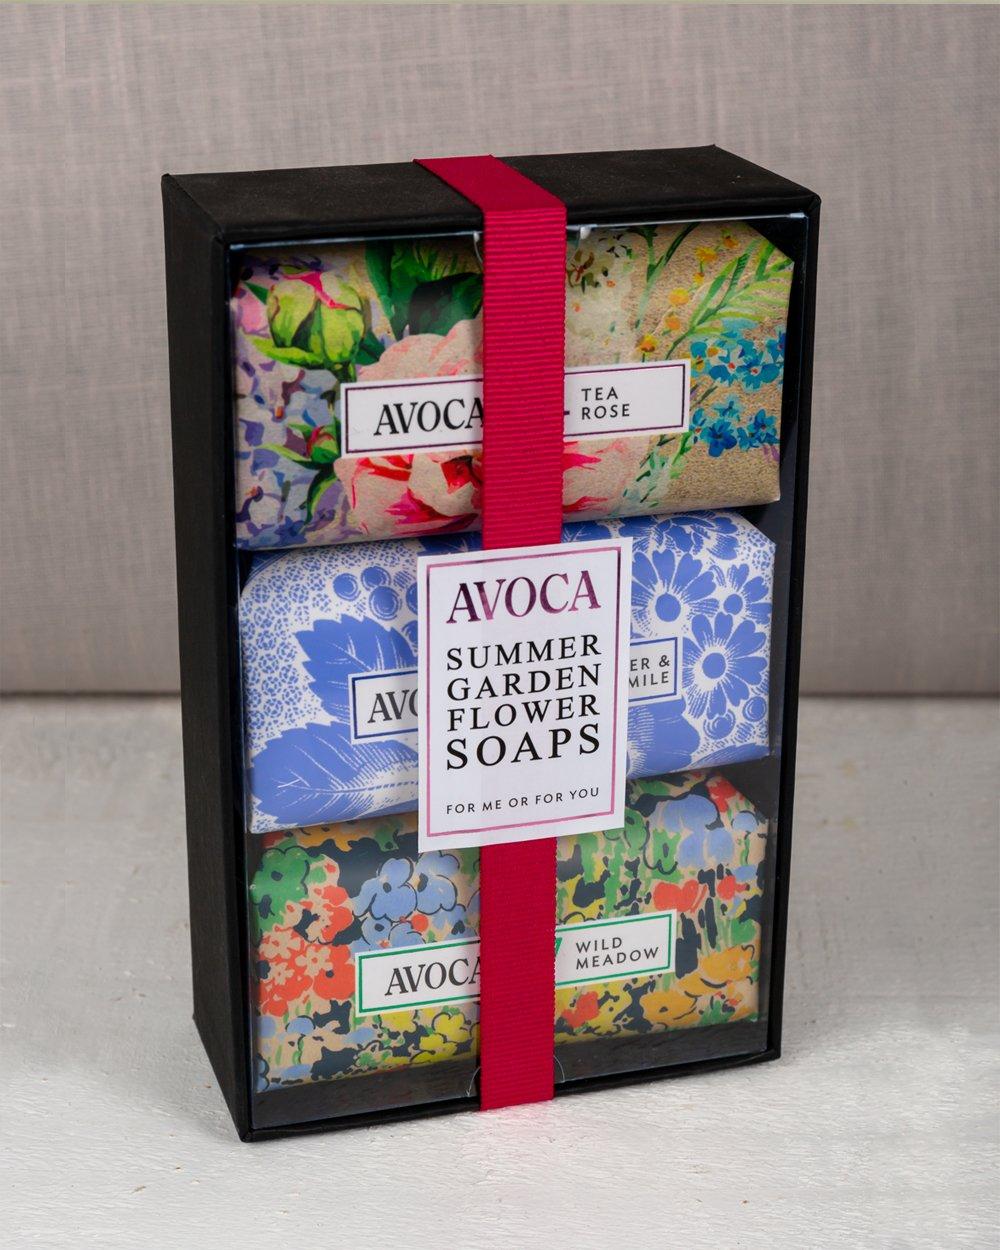 Avoca Soap Gift Set - Garden Flowers